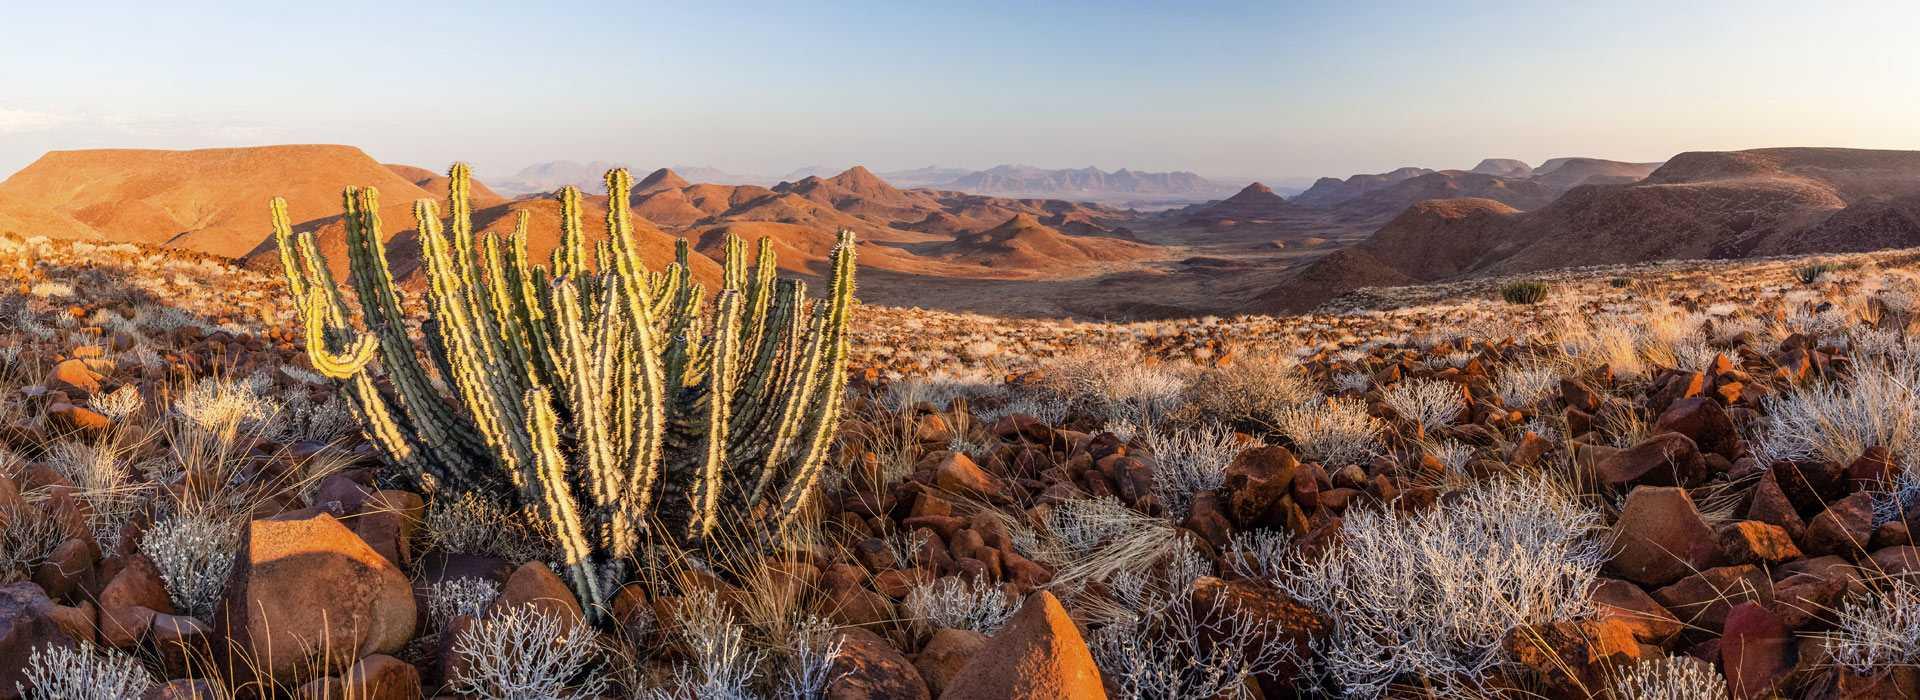 Otjiwarongo Namibia  city photo : Stunning Landscape In Otjiwarongo Namibia